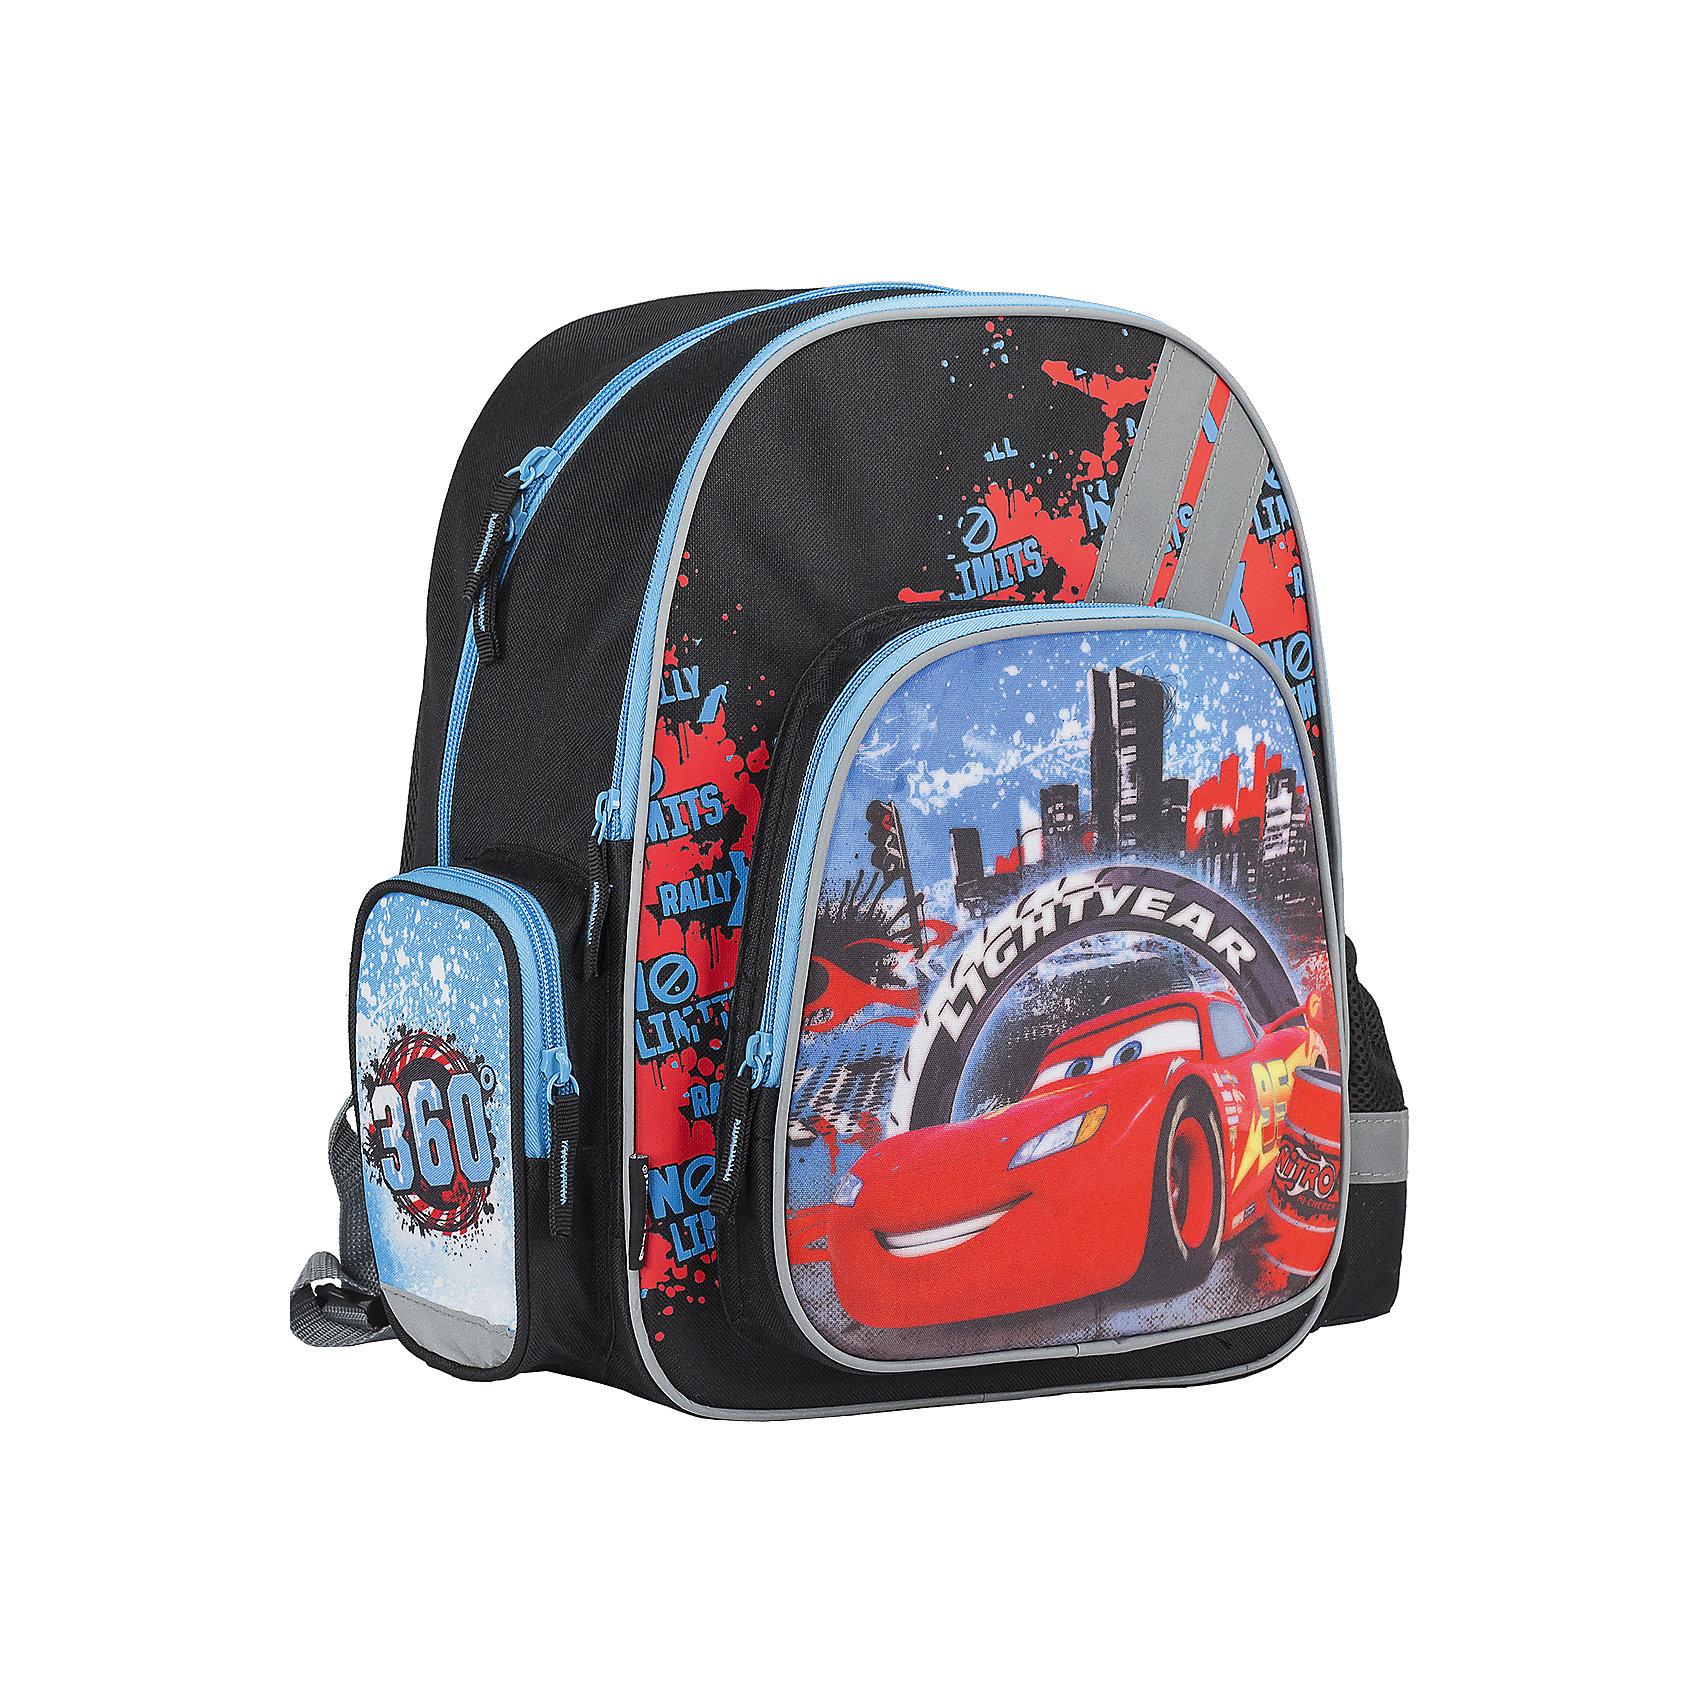 Эргономичный рюкзак с EVA-спинкой, ТачкиРюкзак с эргономической EVA-спинкой, Тачки – этот удобный рюкзак станет незаменимым спутником вашего ребенка, поклонника мультсериала Тачки.<br>Рюкзак с эргономической EVA-спинкой, Тачки обязательно понравится вашему школьнику. Он выполнен из прочных и высококачественных материалов, дополнен изображением Молнии МакКуина - главного героя популярного мультфильма Тачки. Содержит два вместительных отделения, закрывающиеся на застежки-молнии. В большом отделении находятся две перегородки для тетрадей или учебников. Лицевая сторона оснащена накладным карманом на молнии. По бокам расположены два накладных кармана: на застежке-молнии и открытый, стянутый сверху резинкой. Специально разработанная архитектура спинки со стабилизирующими набивными элементами повторяет естественный изгиб позвоночника. Набивные элементы обеспечивают вентиляцию спины ребенка. Плечевые лямки S-образной анатомической формы с поролоном и воздухообменным сетчатым материалом, равномерно распределяют нагрузку на плечевую и воротниковую зоны. Конструкция пряжки лямок позволяет отрегулировать рюкзак по фигуре. Рюкзак оснащен эргономичной текстильной ручкой с резиновым захватом для удобной переноски в руке. Светоотражающие элементы обеспечивают безопасность в темное время суток.<br><br>Дополнительная информация:<br><br>- Размер: 38 x 29 x 15 см.<br>- Материал: полиэстер<br>- Вес: 704 гр.<br><br>Рюкзак с эргономической EVA-спинкой, Тачки можно купить в нашем интернет-магазине.<br><br>Ширина мм: 150<br>Глубина мм: 290<br>Высота мм: 380<br>Вес г: 704<br>Возраст от месяцев: 48<br>Возраст до месяцев: 84<br>Пол: Мужской<br>Возраст: Детский<br>SKU: 4489531